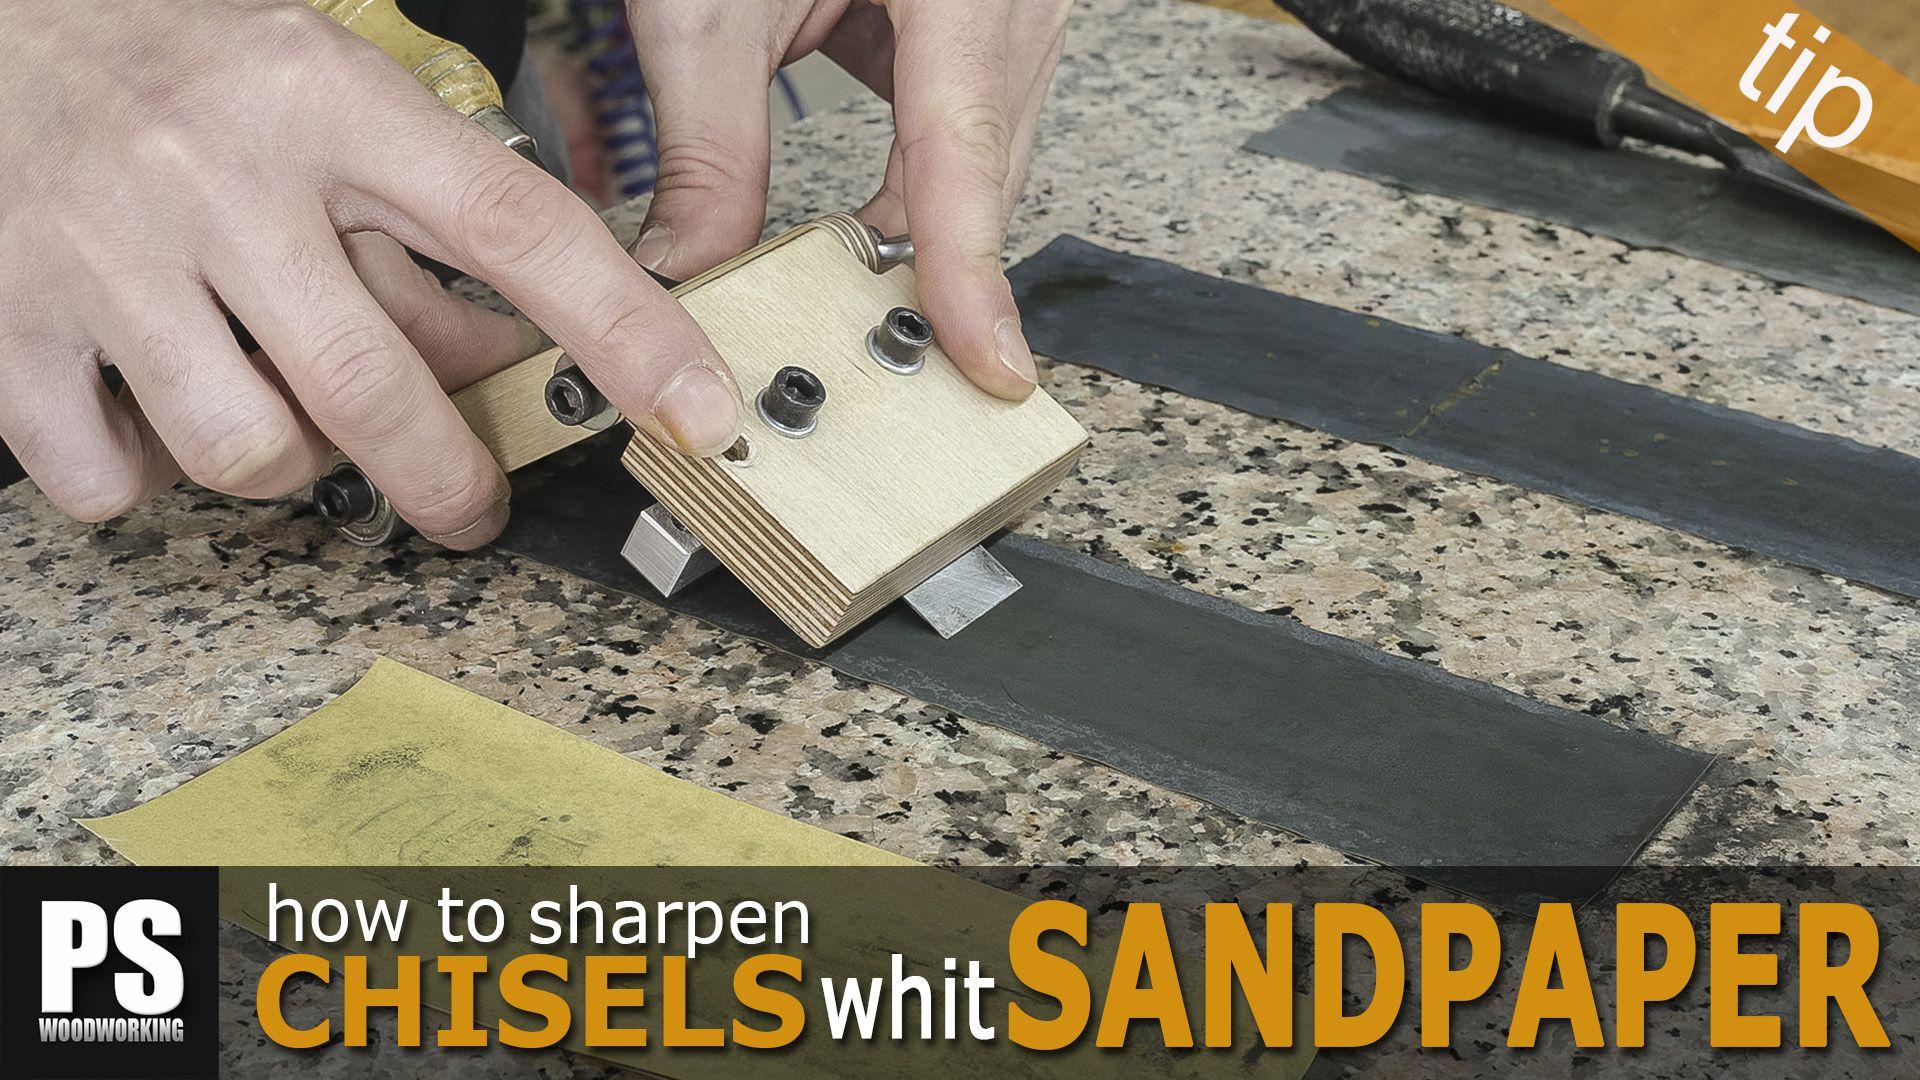 En este artículo mostraré como afilar nuestros formones y cuchillas ...